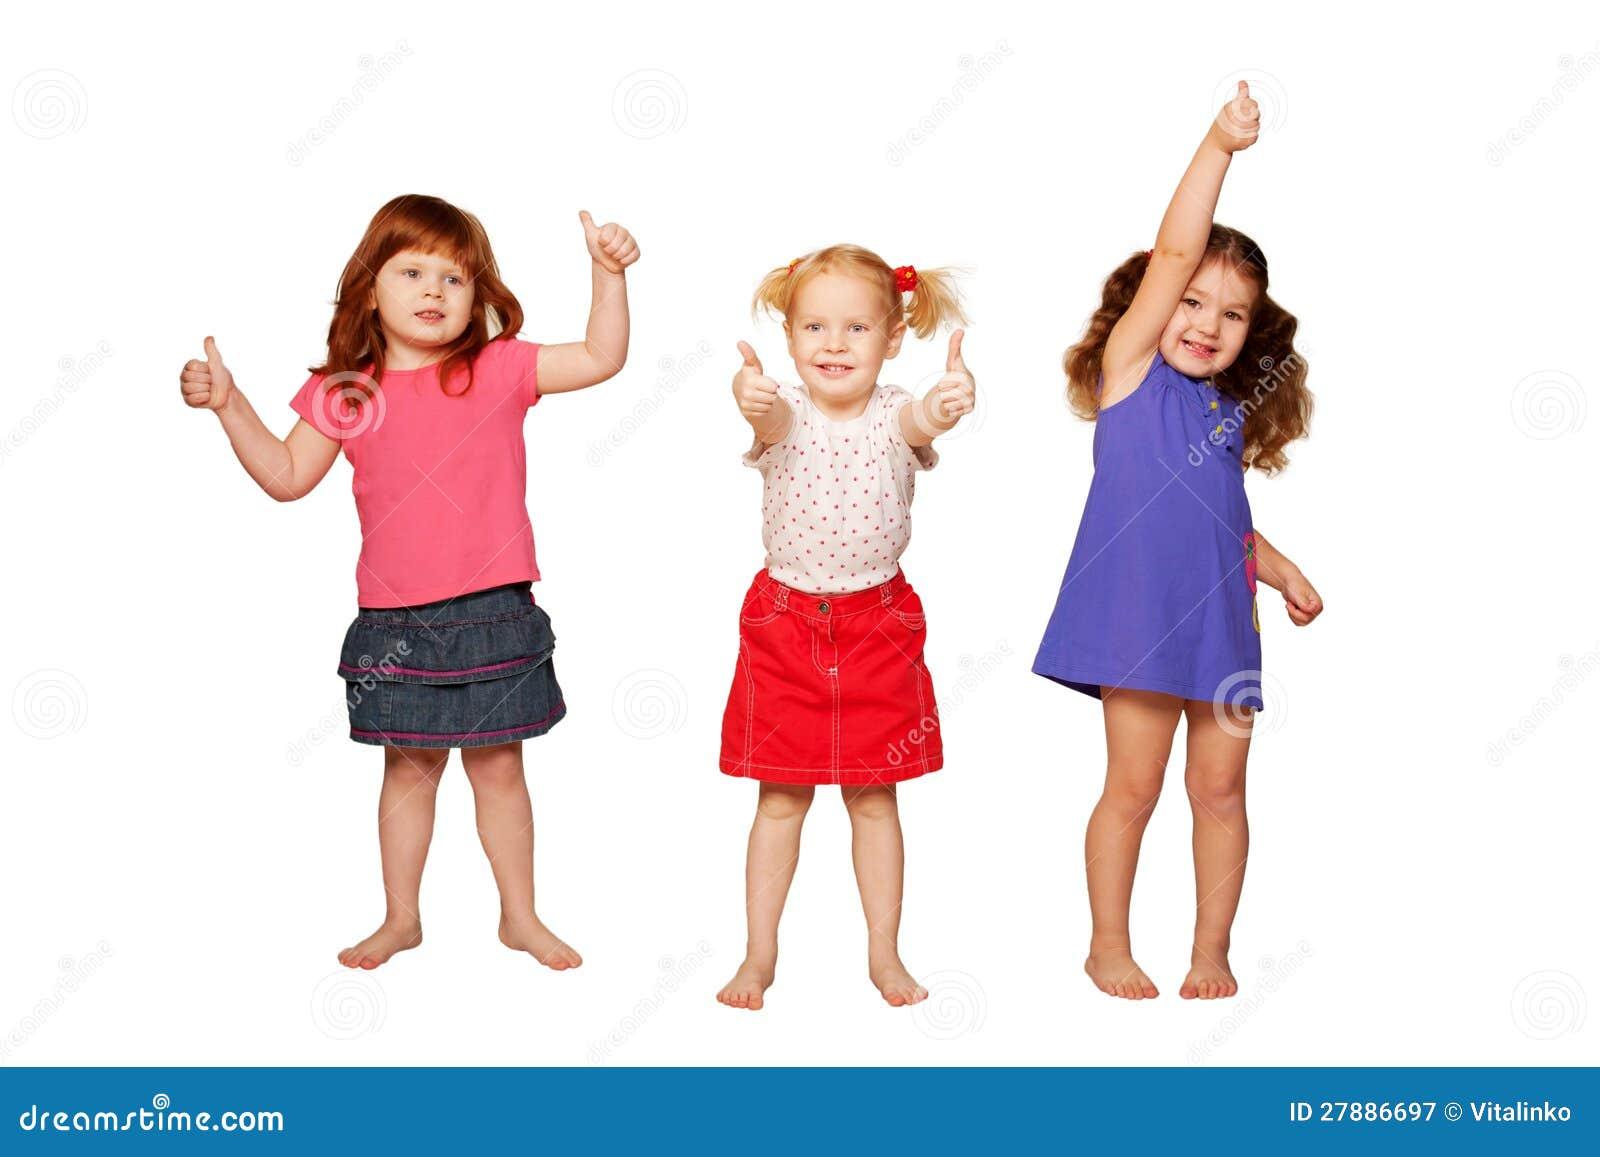 三个可爱的微笑的小女孩,红头发人,金发碧眼的女人和浅黑肤色的男人图片